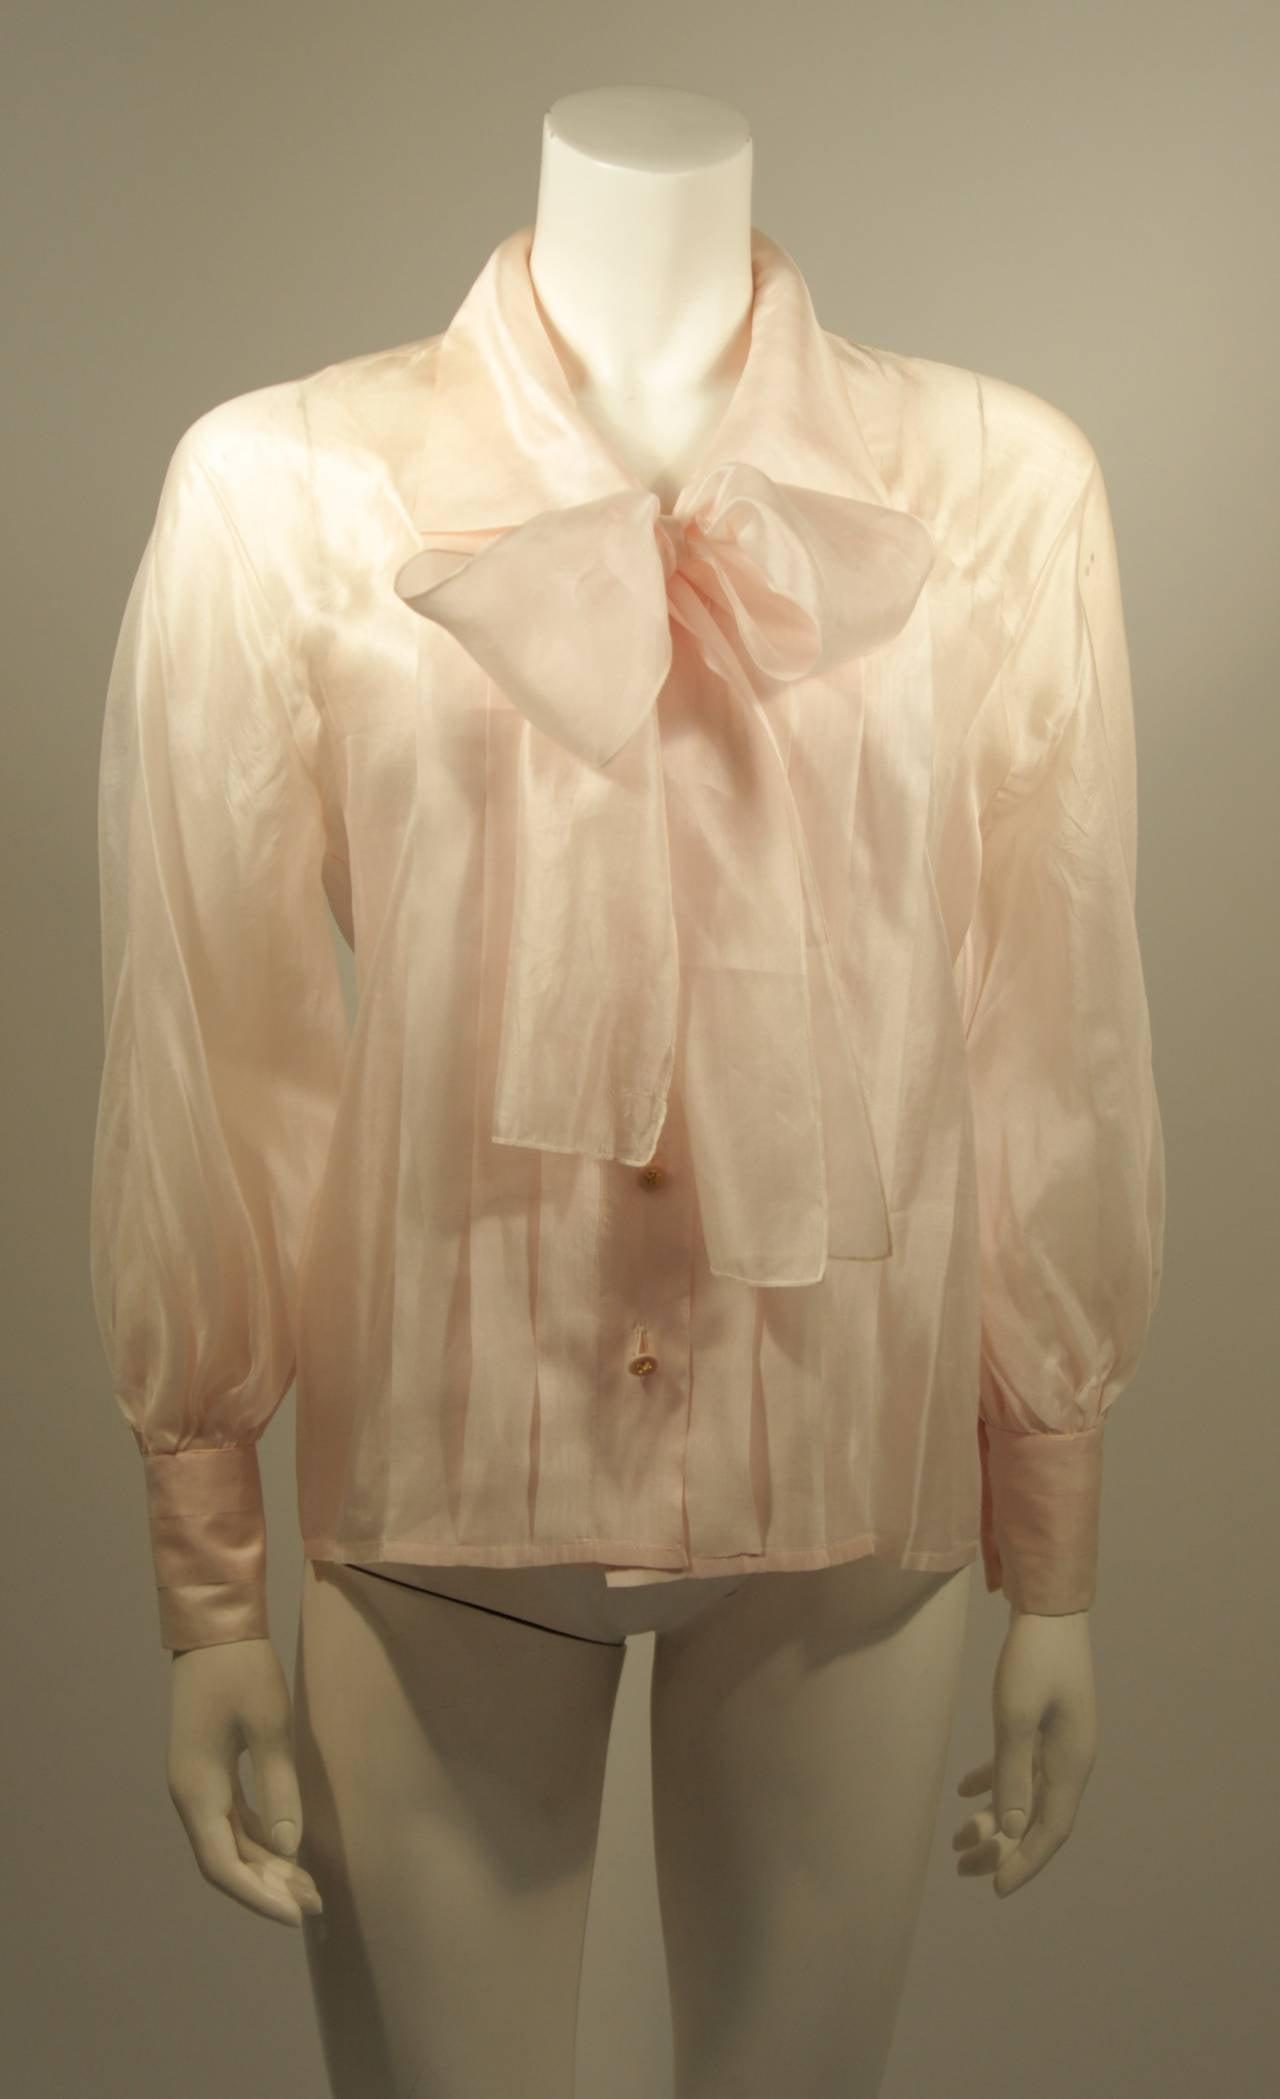 Chanel 3 Piece Pink Silk Organza Tie Neck Blouse & Camisole Set Size 36 3